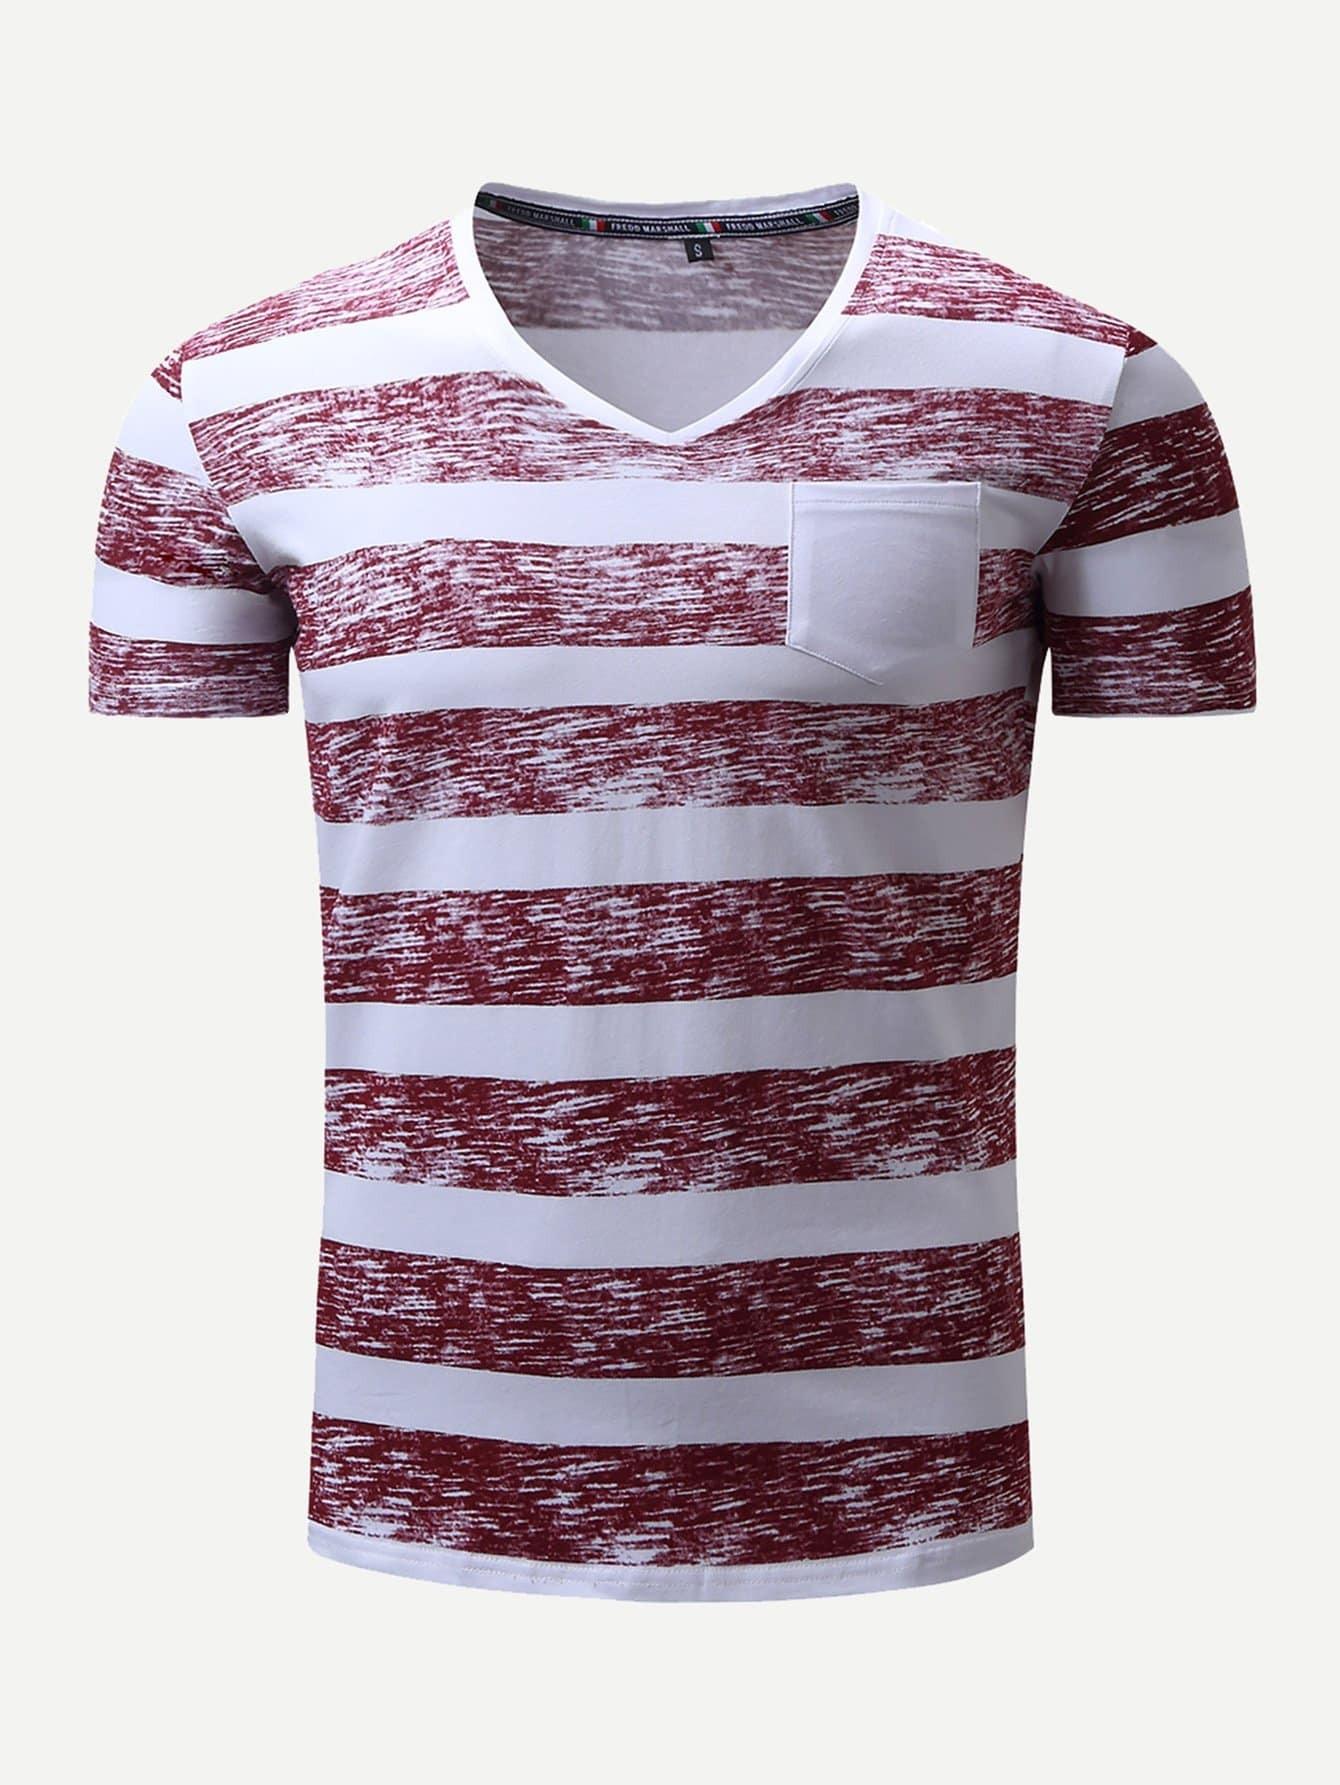 Купить Мужская полосатая футболка с карманом, null, SheIn